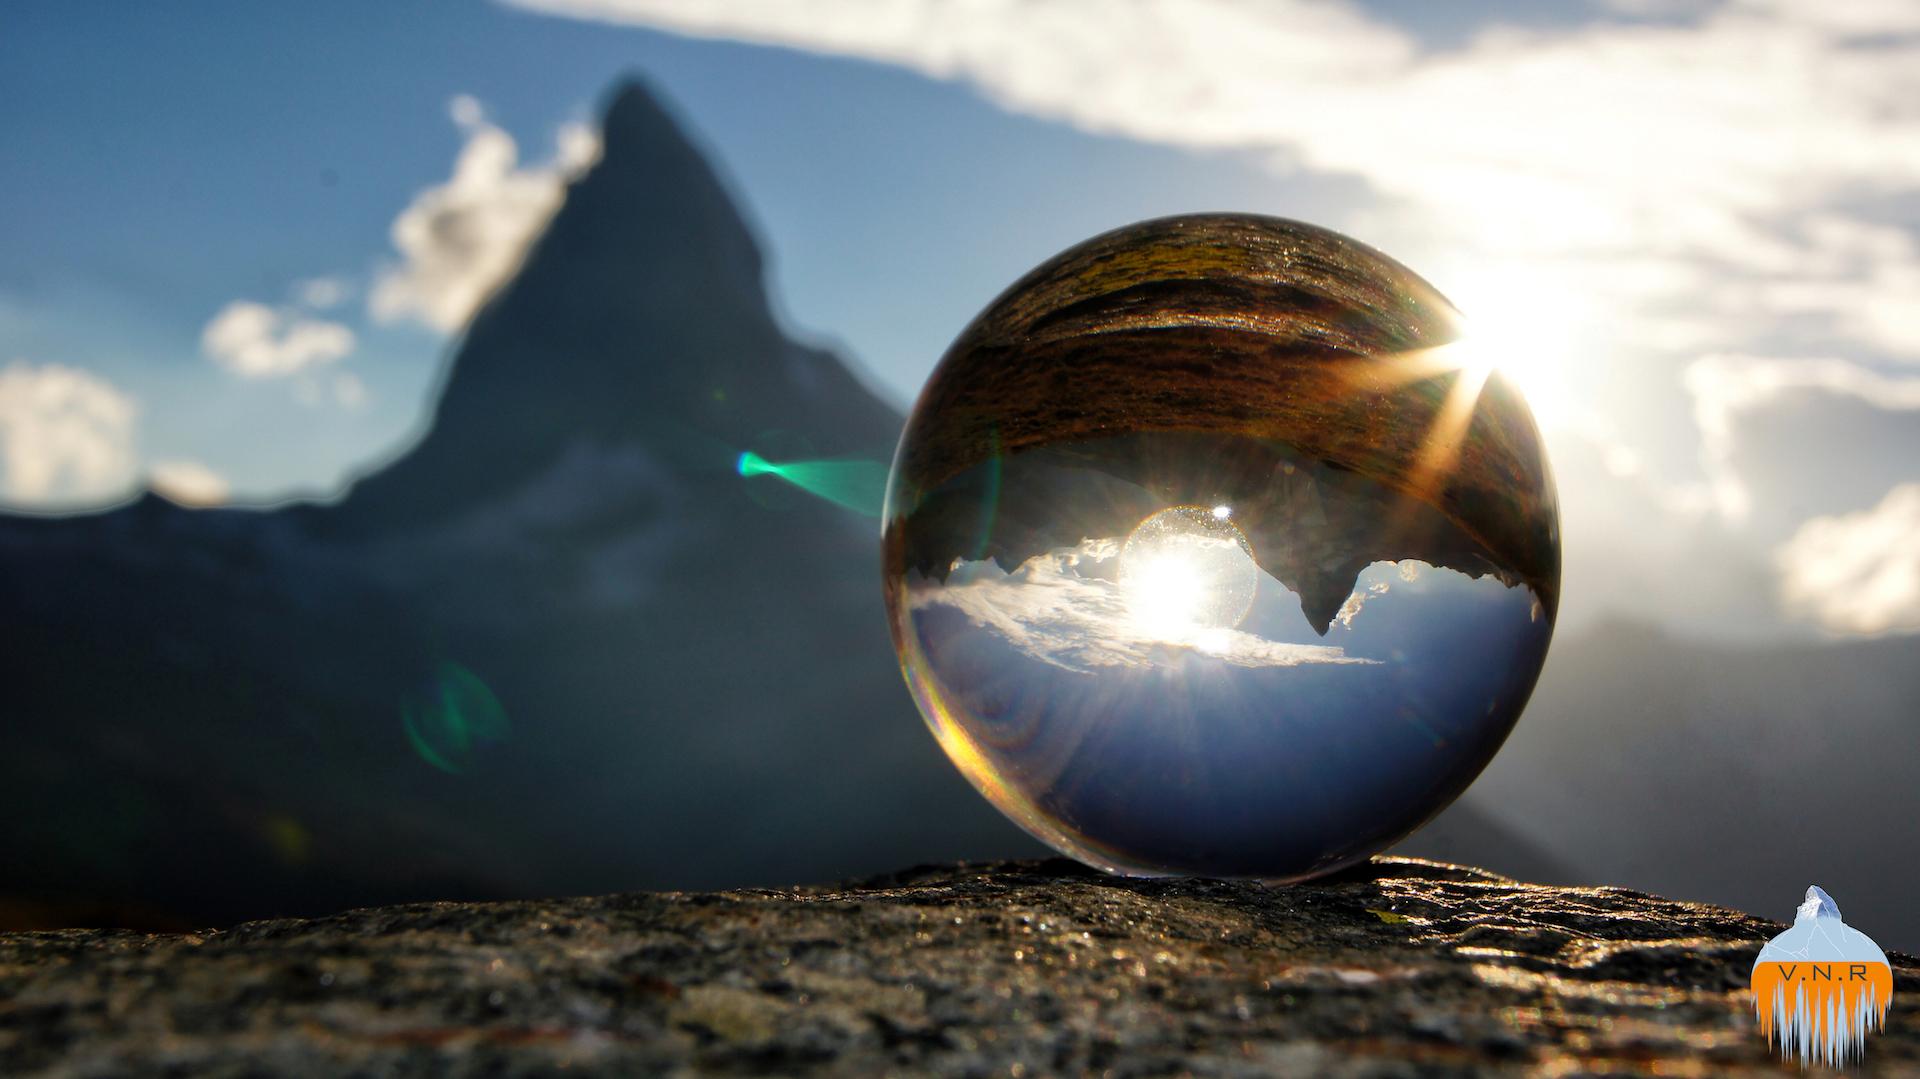 Matterhornglobe